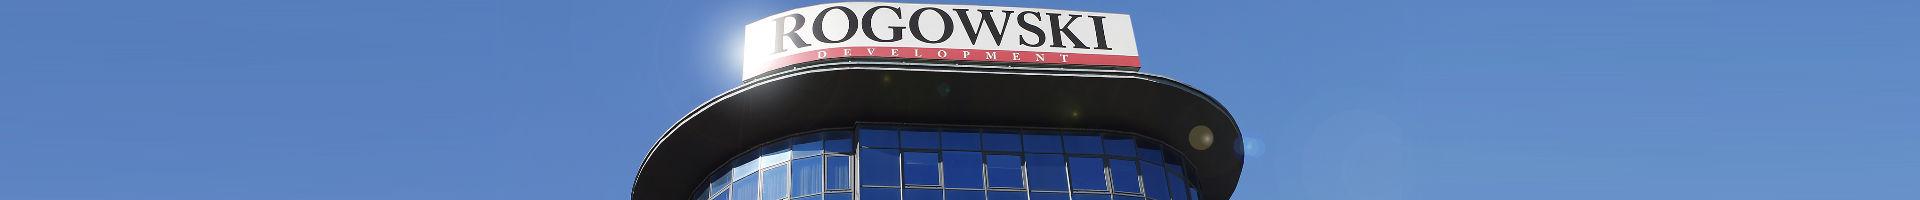 Rogowski Baner